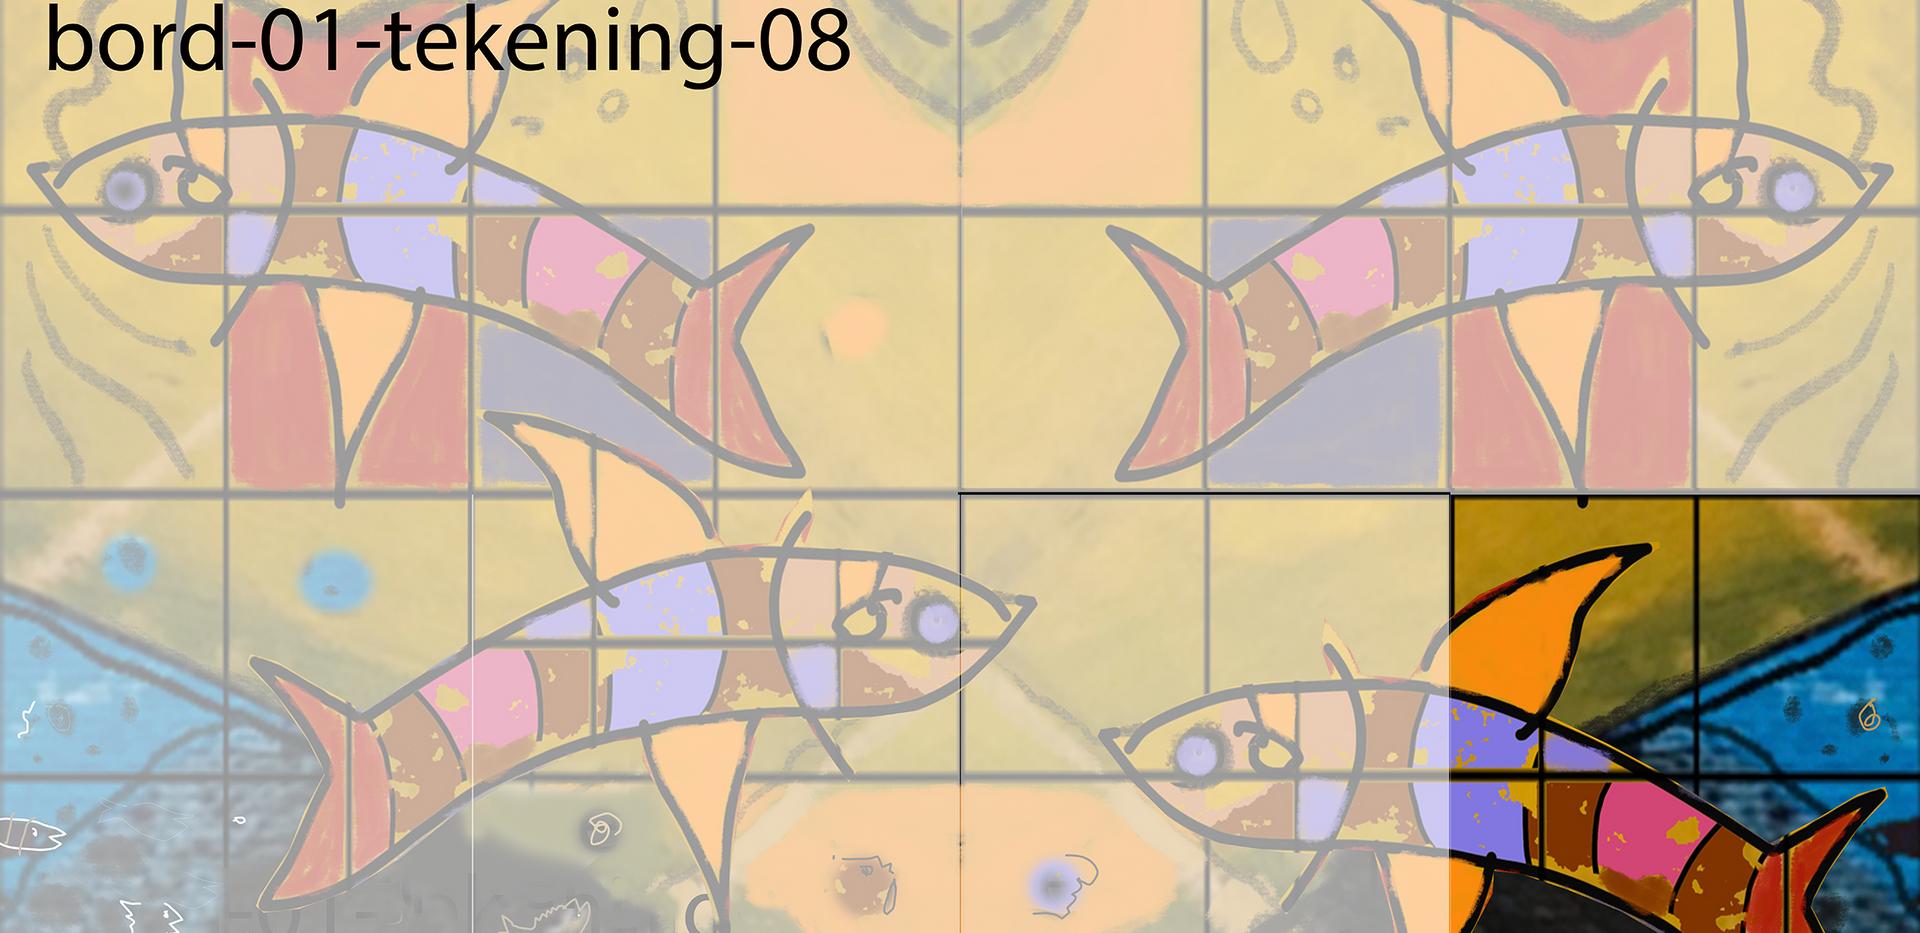 bord-01-tekening-08.png